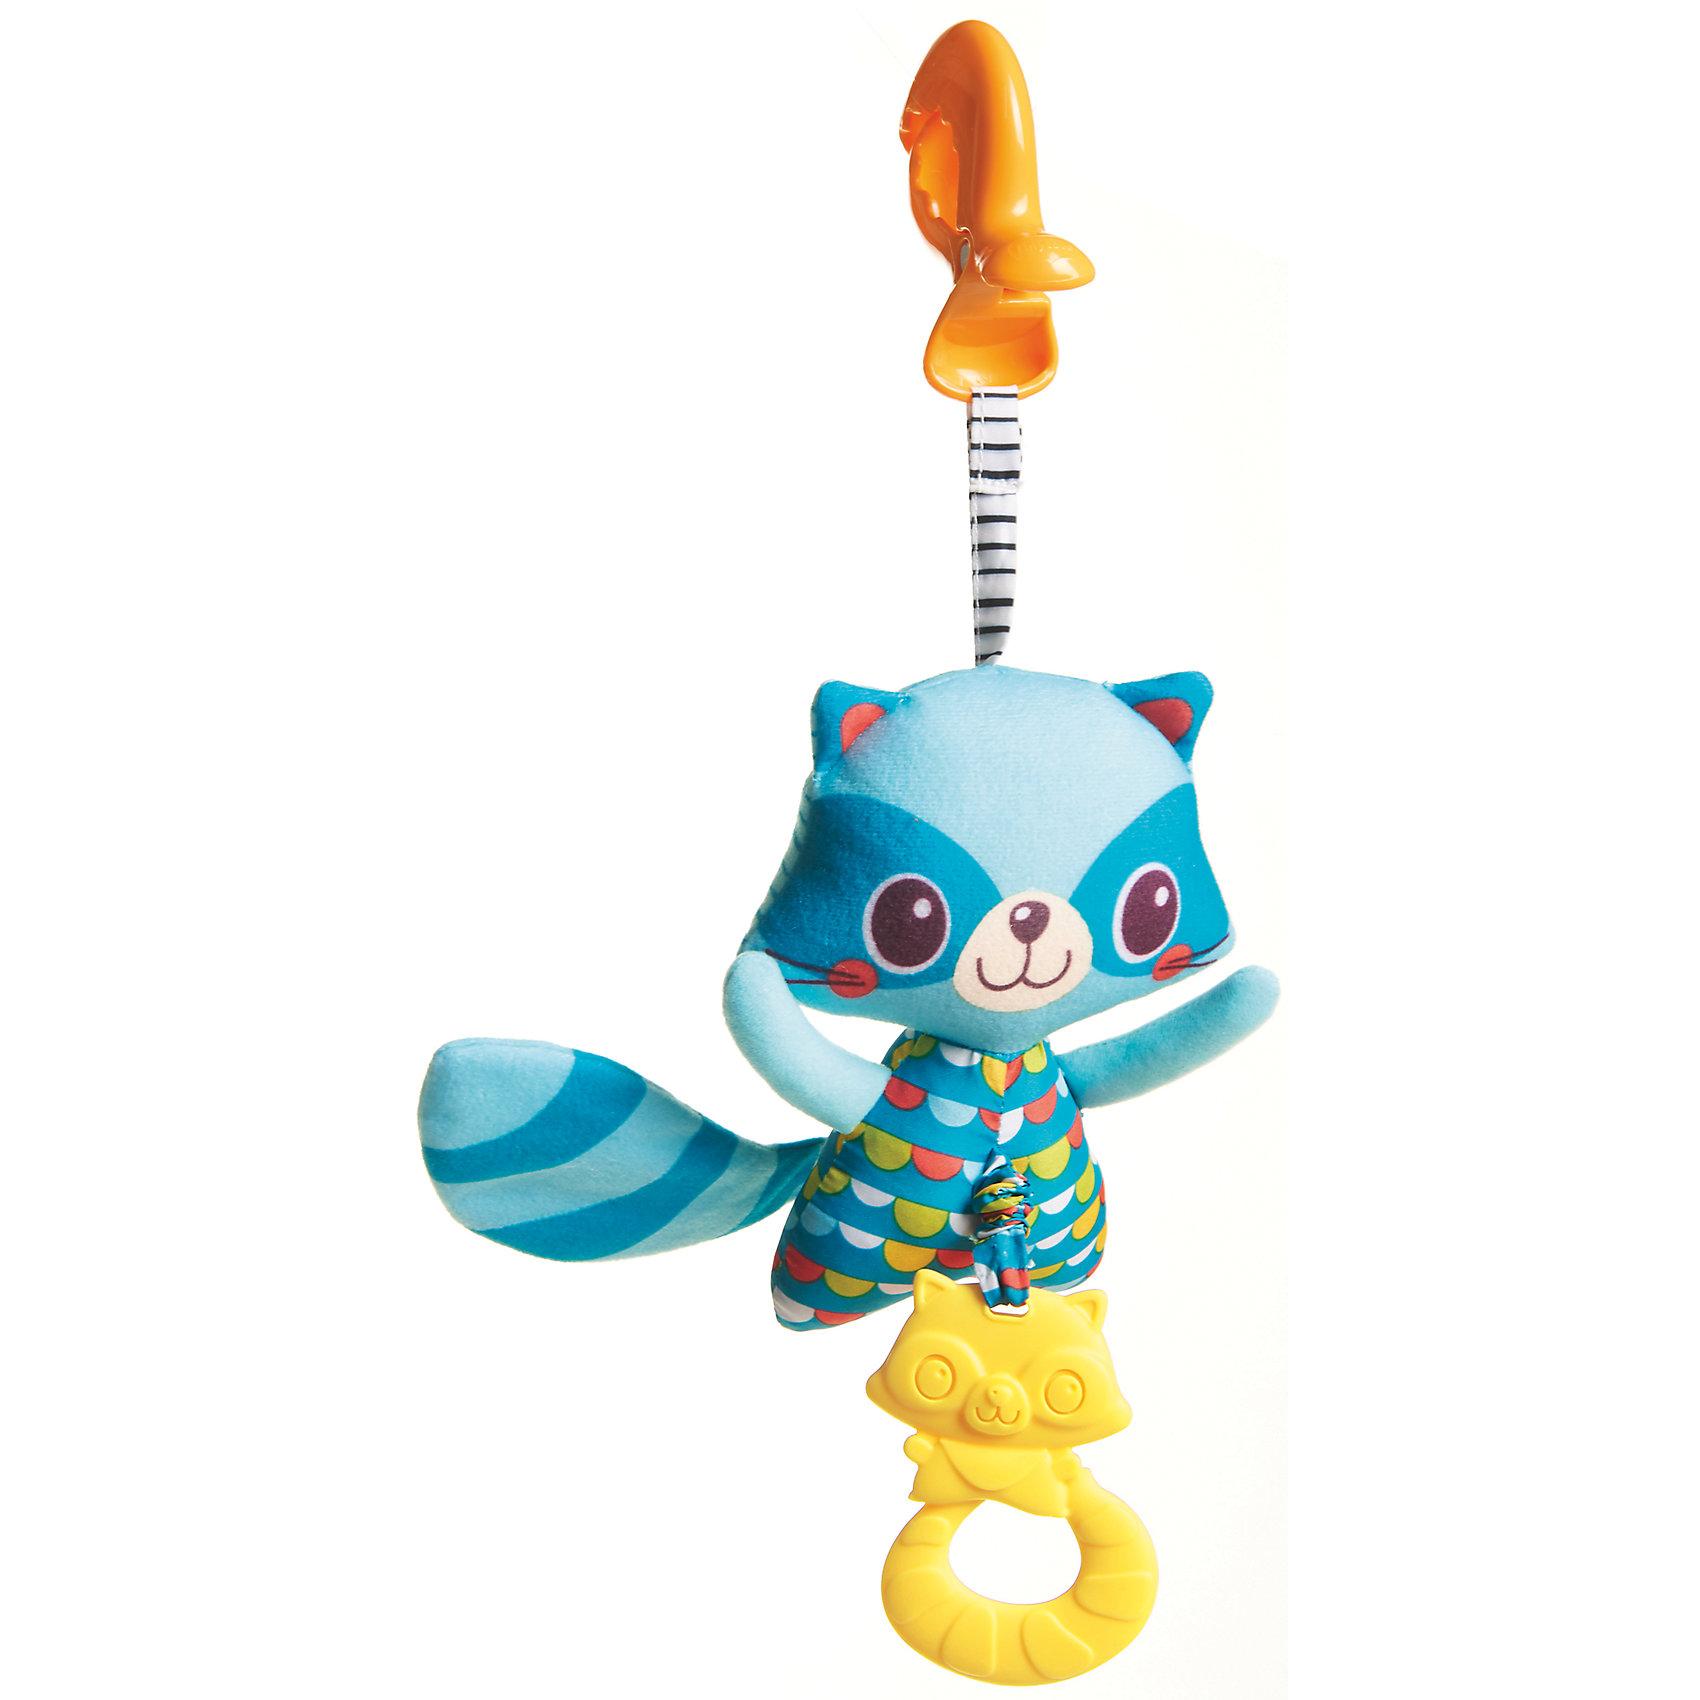 Развивающая игрушка Енот, Tiny LoveИгрушки для малышей<br>Развивающая игрушка Енот, Tiny Love.<br><br>Характеристики:<br><br>- В комплекте: клипса для крепления, мягкая игрушка енот, силиконовый прорезыватель енот<br>- Материал: текстиль, пластик<br>- Размер игрушки: 13 х 4 х 39 см.<br><br>Игрушка выполнена в виде миловидного енота голубого цвета с длинным хвостиком и острыми ушками. Игровой аксессуар можно подвесить на кроватку ребёнку или коляску с помощью удобной клипсы из комплекта. Хвостик енота при контакте с рукой издаёт забавный шуршащий звук. Прорезыватель в виде пластиковой копии енота, закреплён на веревочку, и если ее потянуть, то игрушка начнет вибрировать. Игрушка позволит малышу тренировать хватательные рефлексы и мелкую моторику рук, а прорезыватель значительно облегчит процесс появления первых зубов у ребенка.<br><br>Развивающую игрушку Енот, Tiny Love можно купить в нашем интернет-магазине.<br><br>Ширина мм: 40<br>Глубина мм: 200<br>Высота мм: 120<br>Вес г: 113<br>Возраст от месяцев: 36<br>Возраст до месяцев: 2147483647<br>Пол: Унисекс<br>Возраст: Детский<br>SKU: 5059844